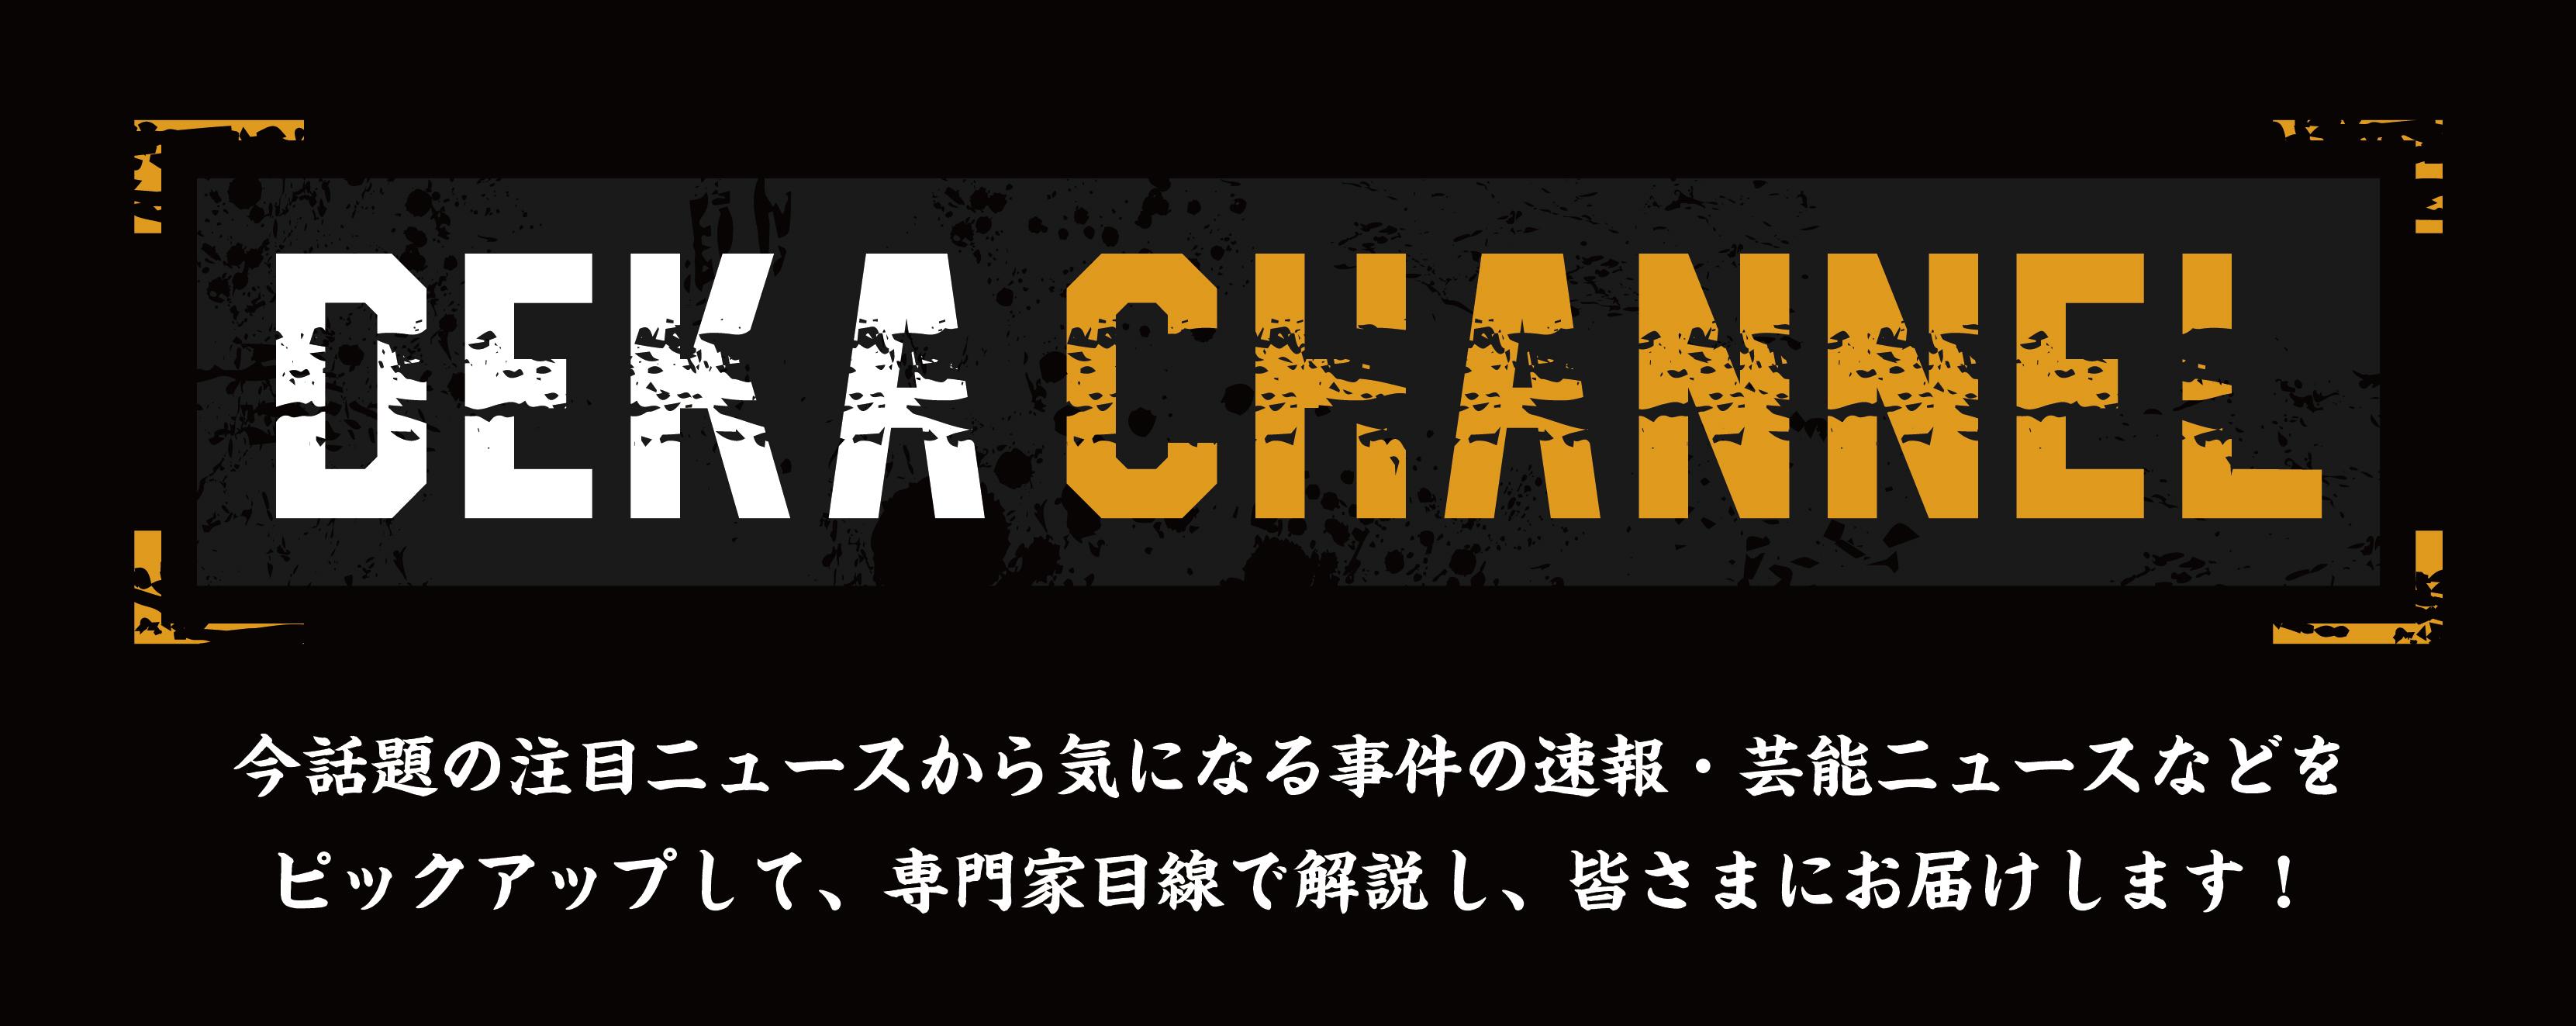 deka channel